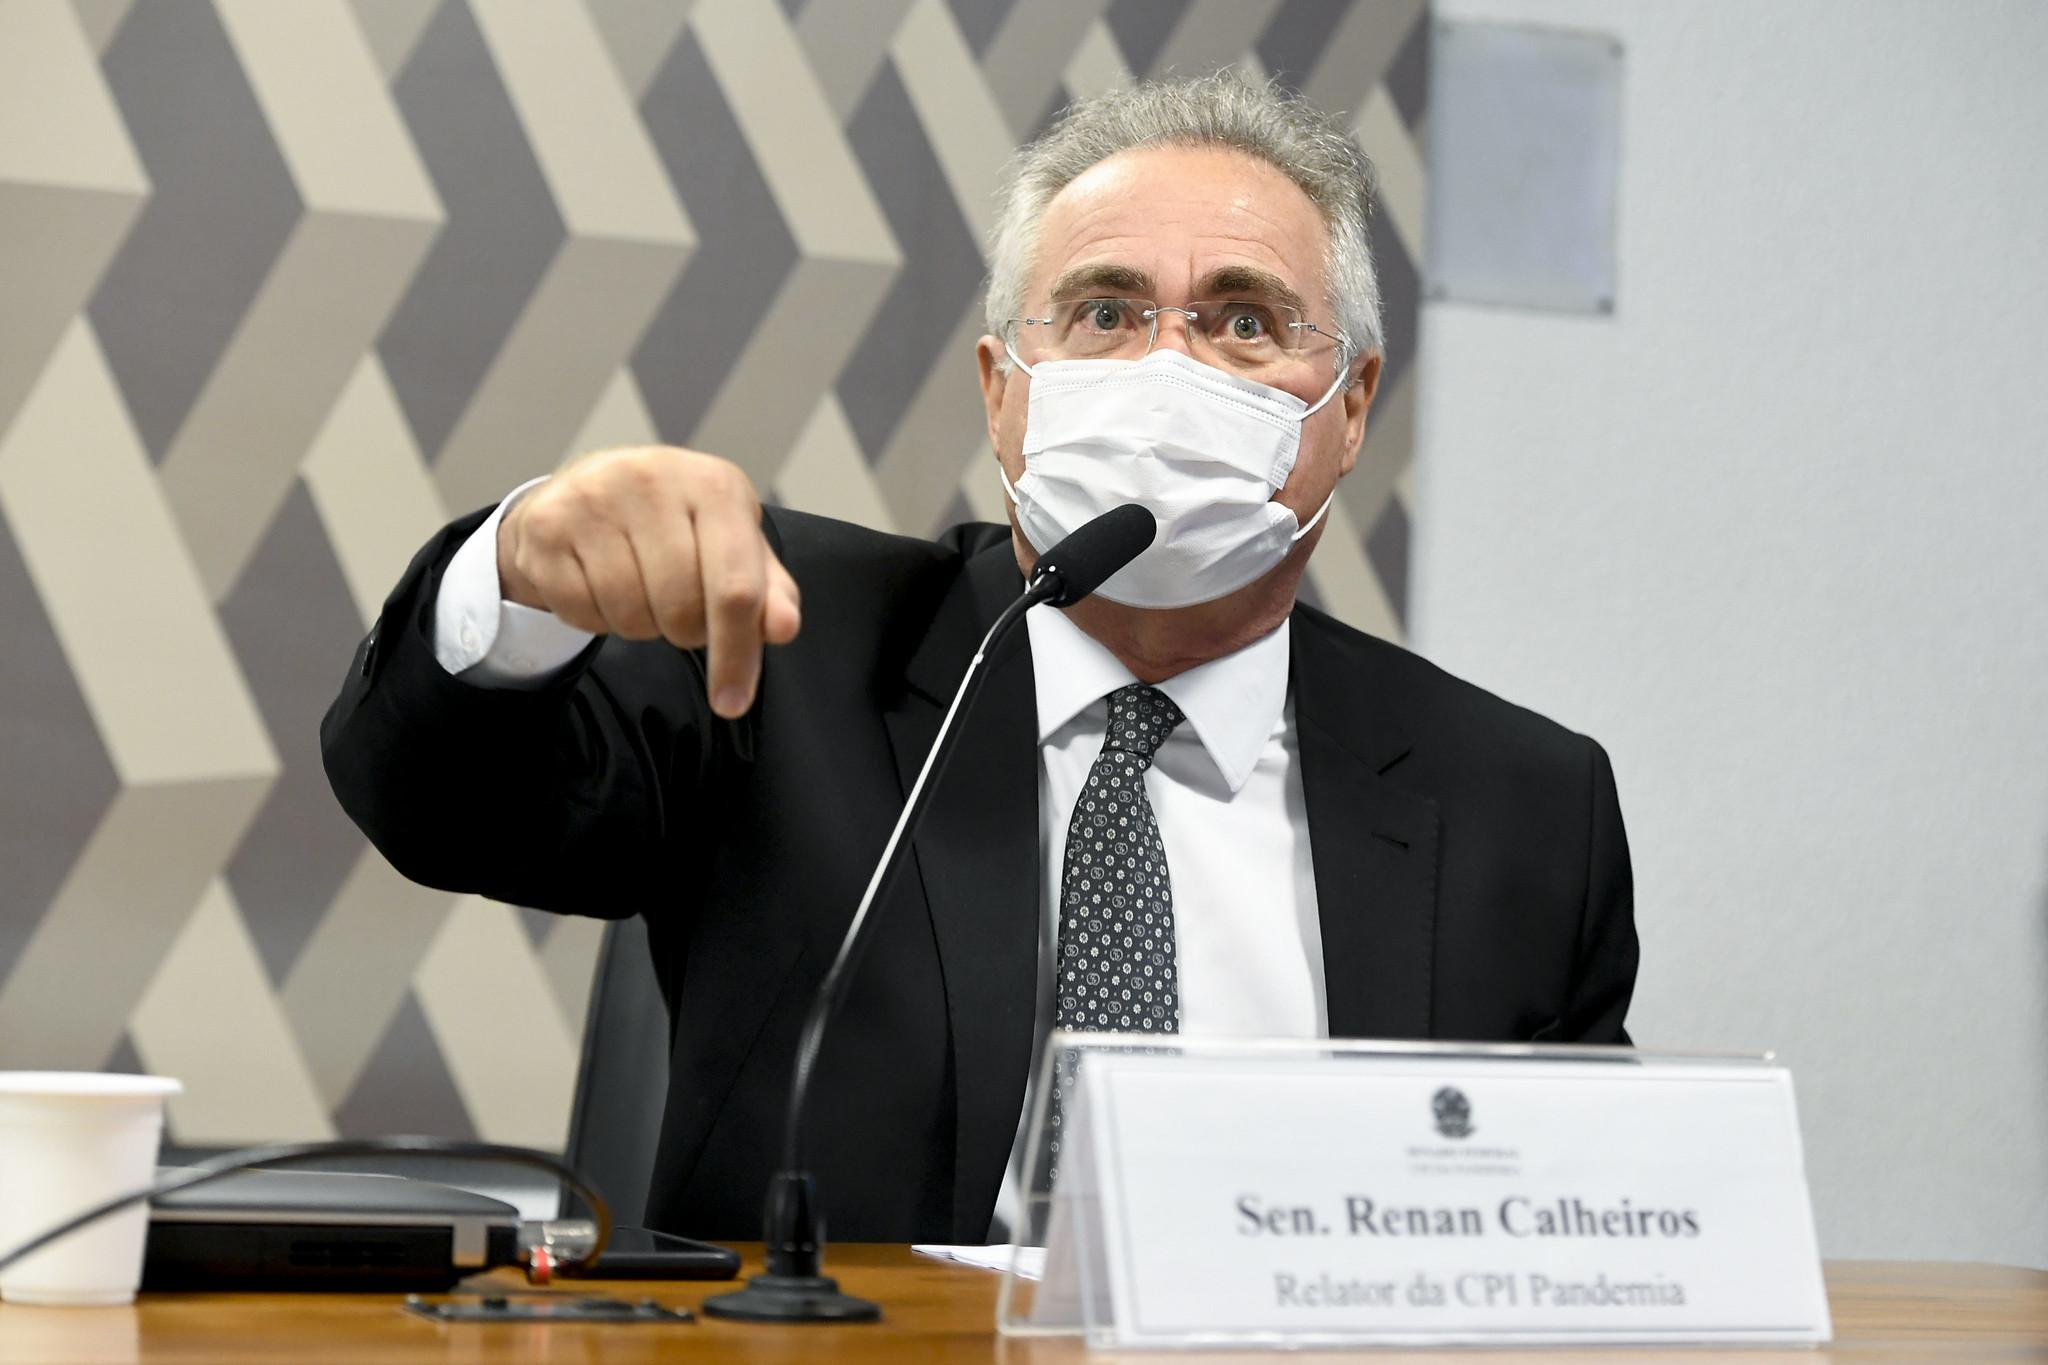 IMAGEM: Quem é Renan Calheiros?